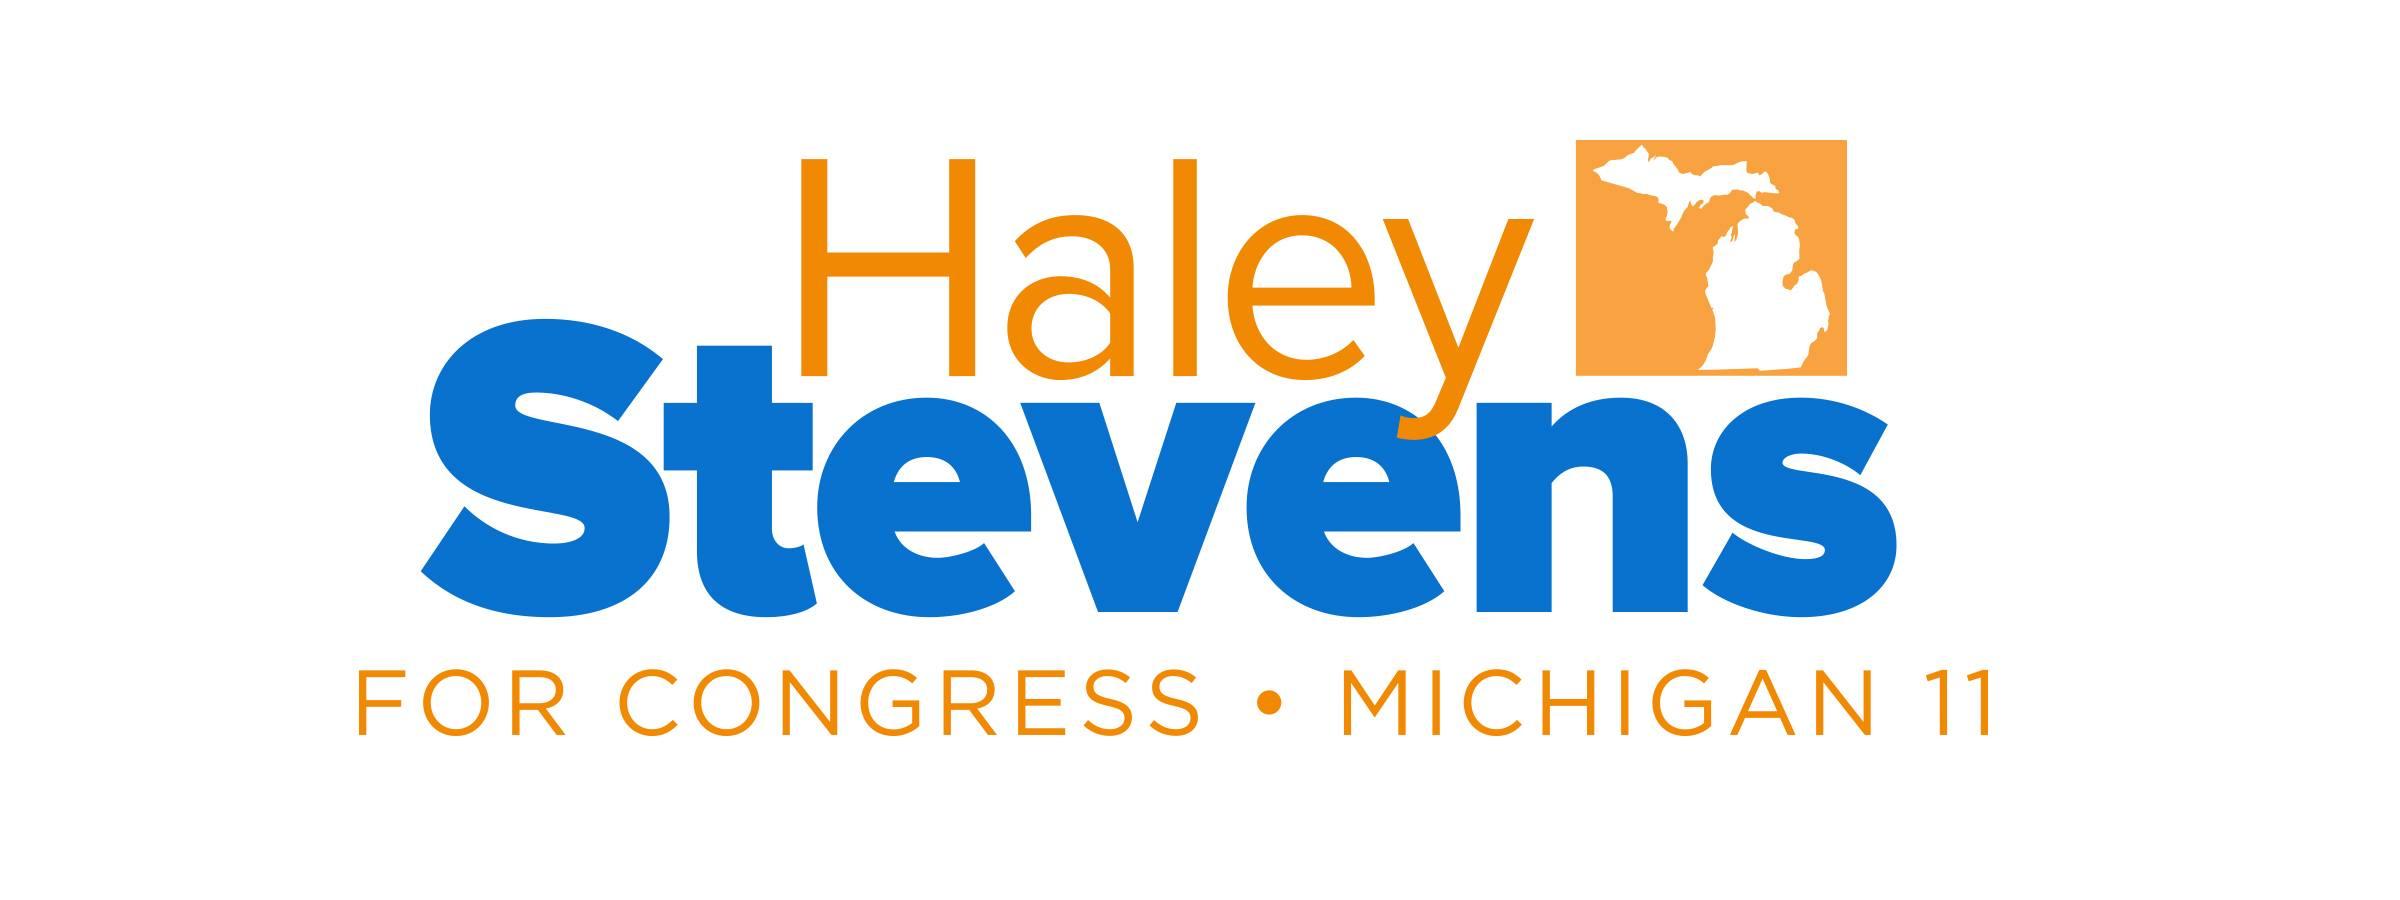 HaleyStevens Logo.jpg